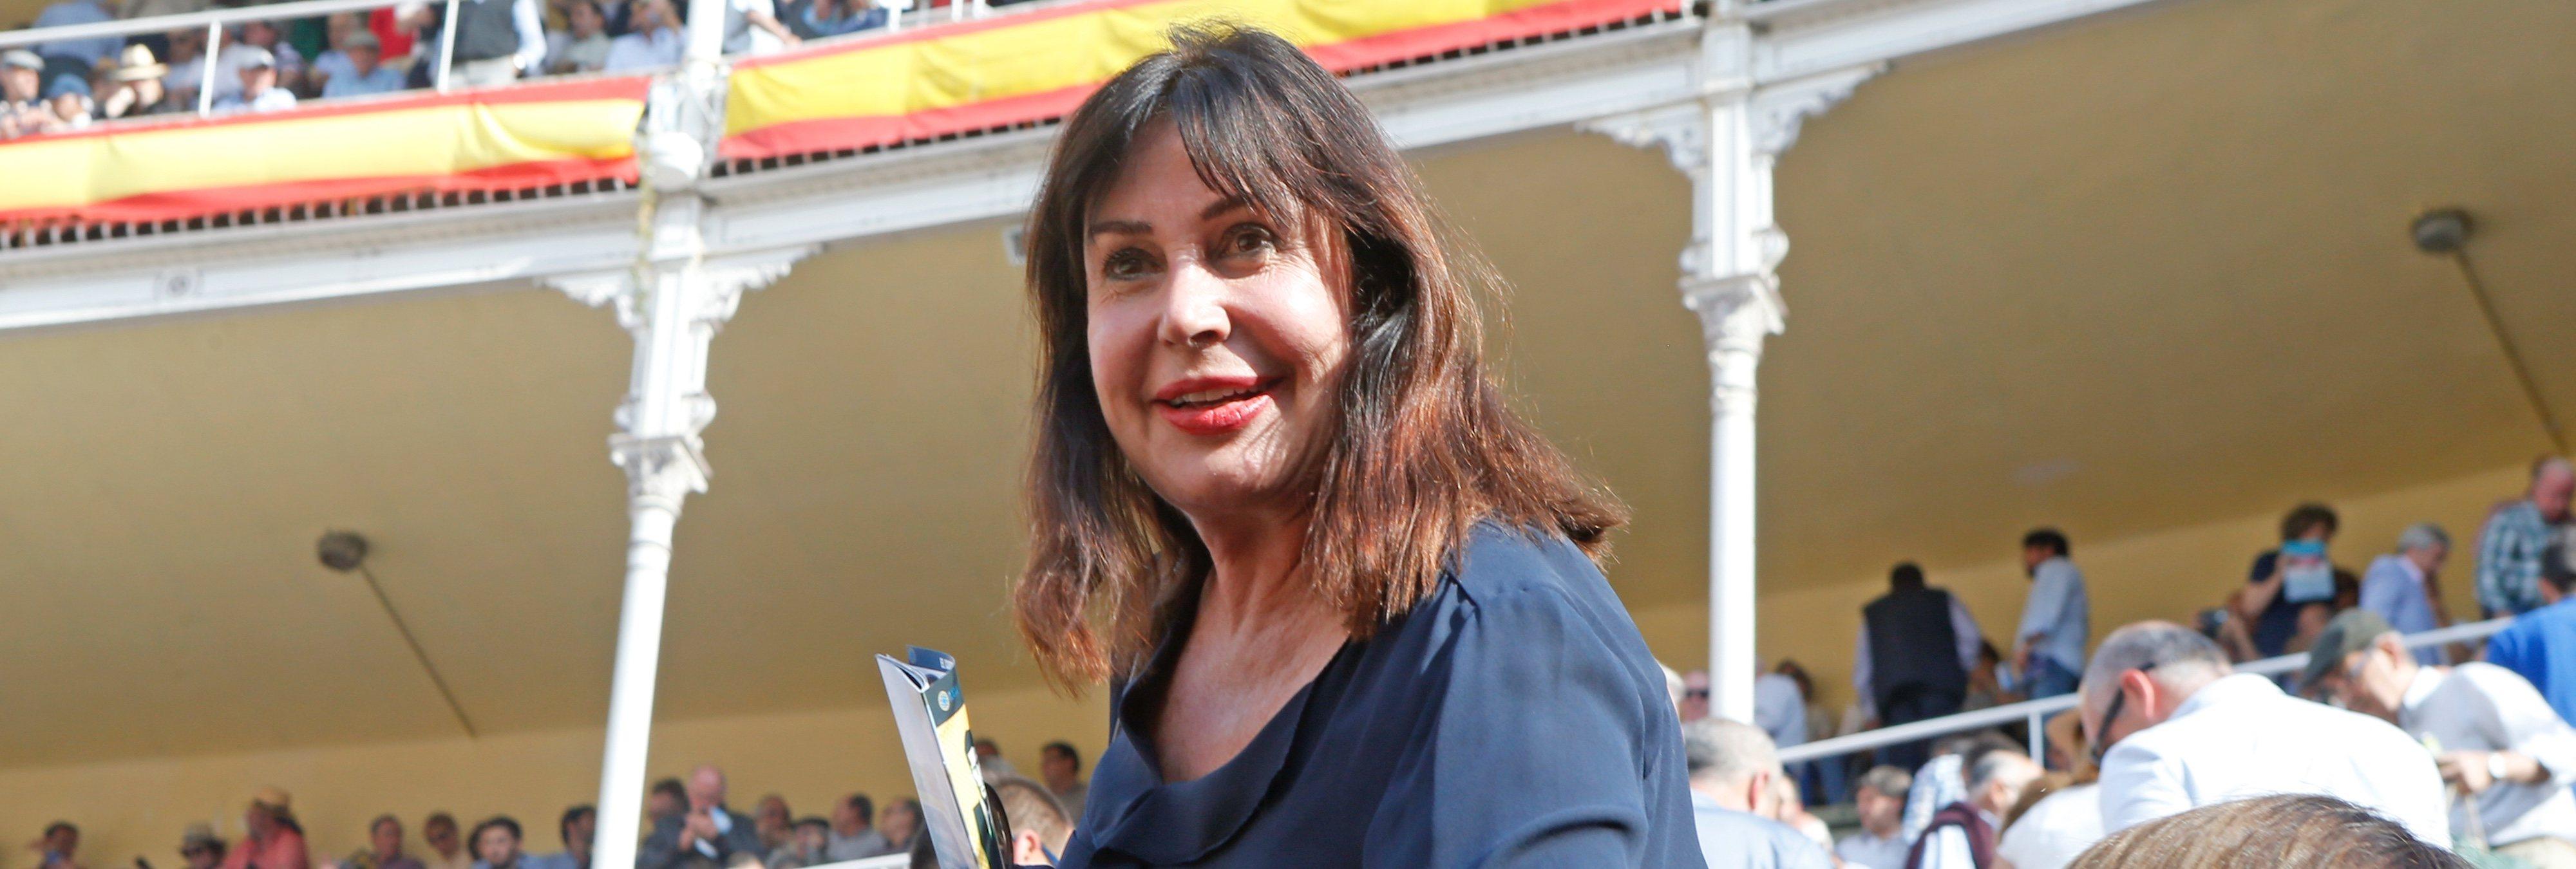 Carmen Martínez-Bordiú ya es duquesa de Franco tras pagar el impuesto que dicta la ley